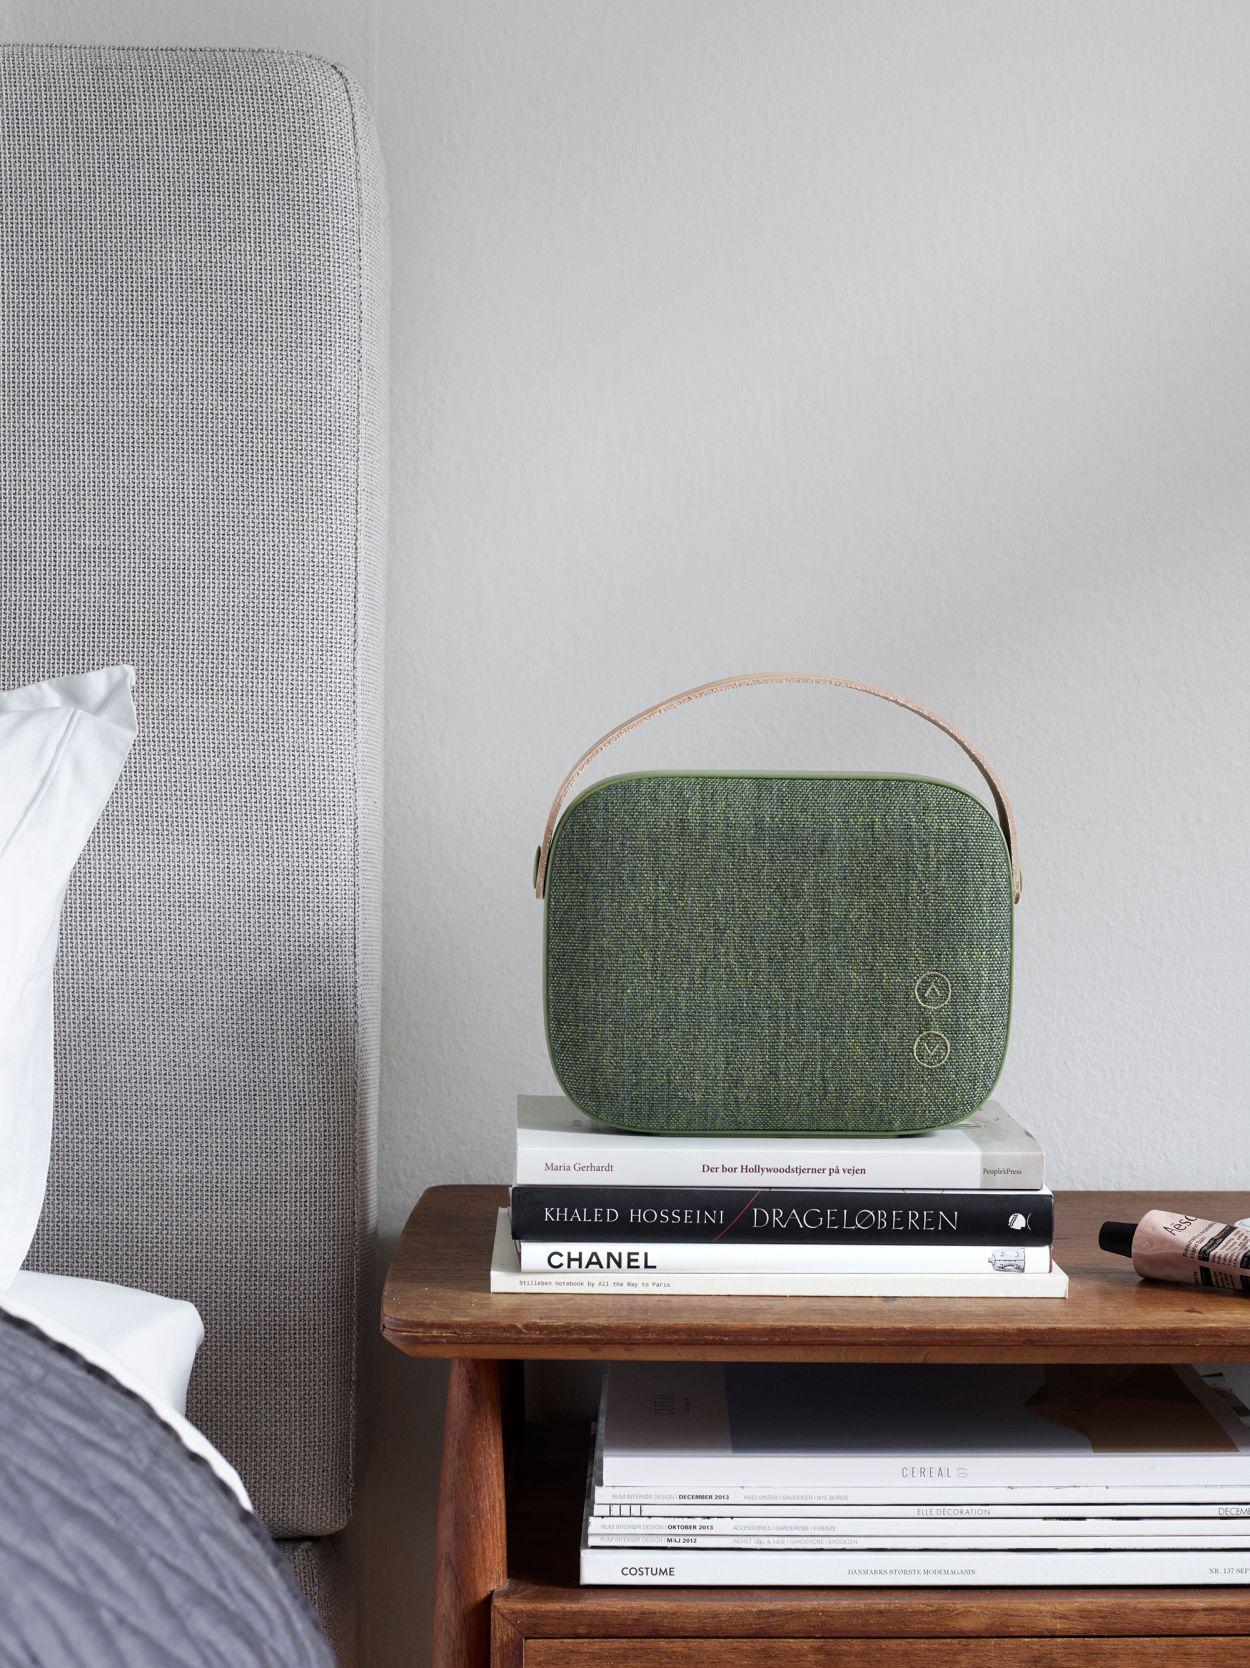 Helsinki Bluetooth, Vifa, Outdoor Lautsprecher